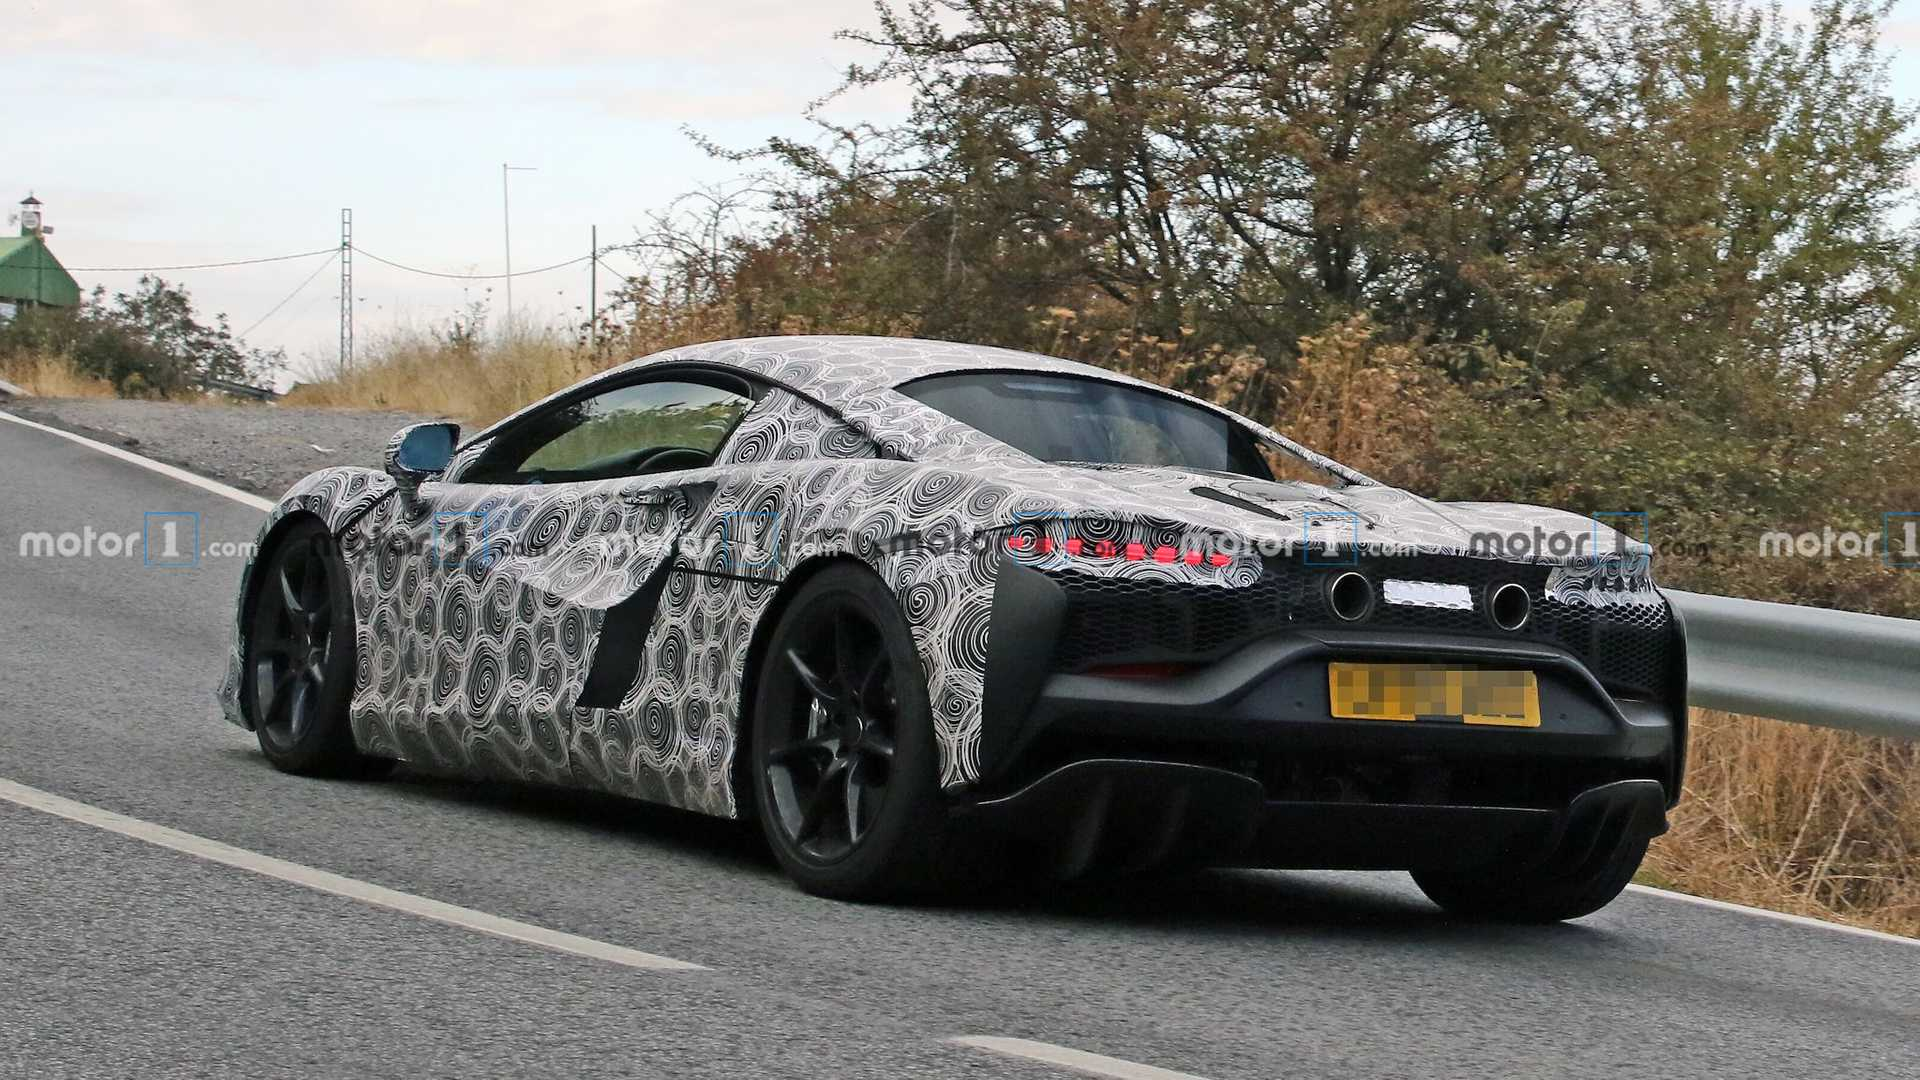 McLaren Hybrid Supercar Spy Photos